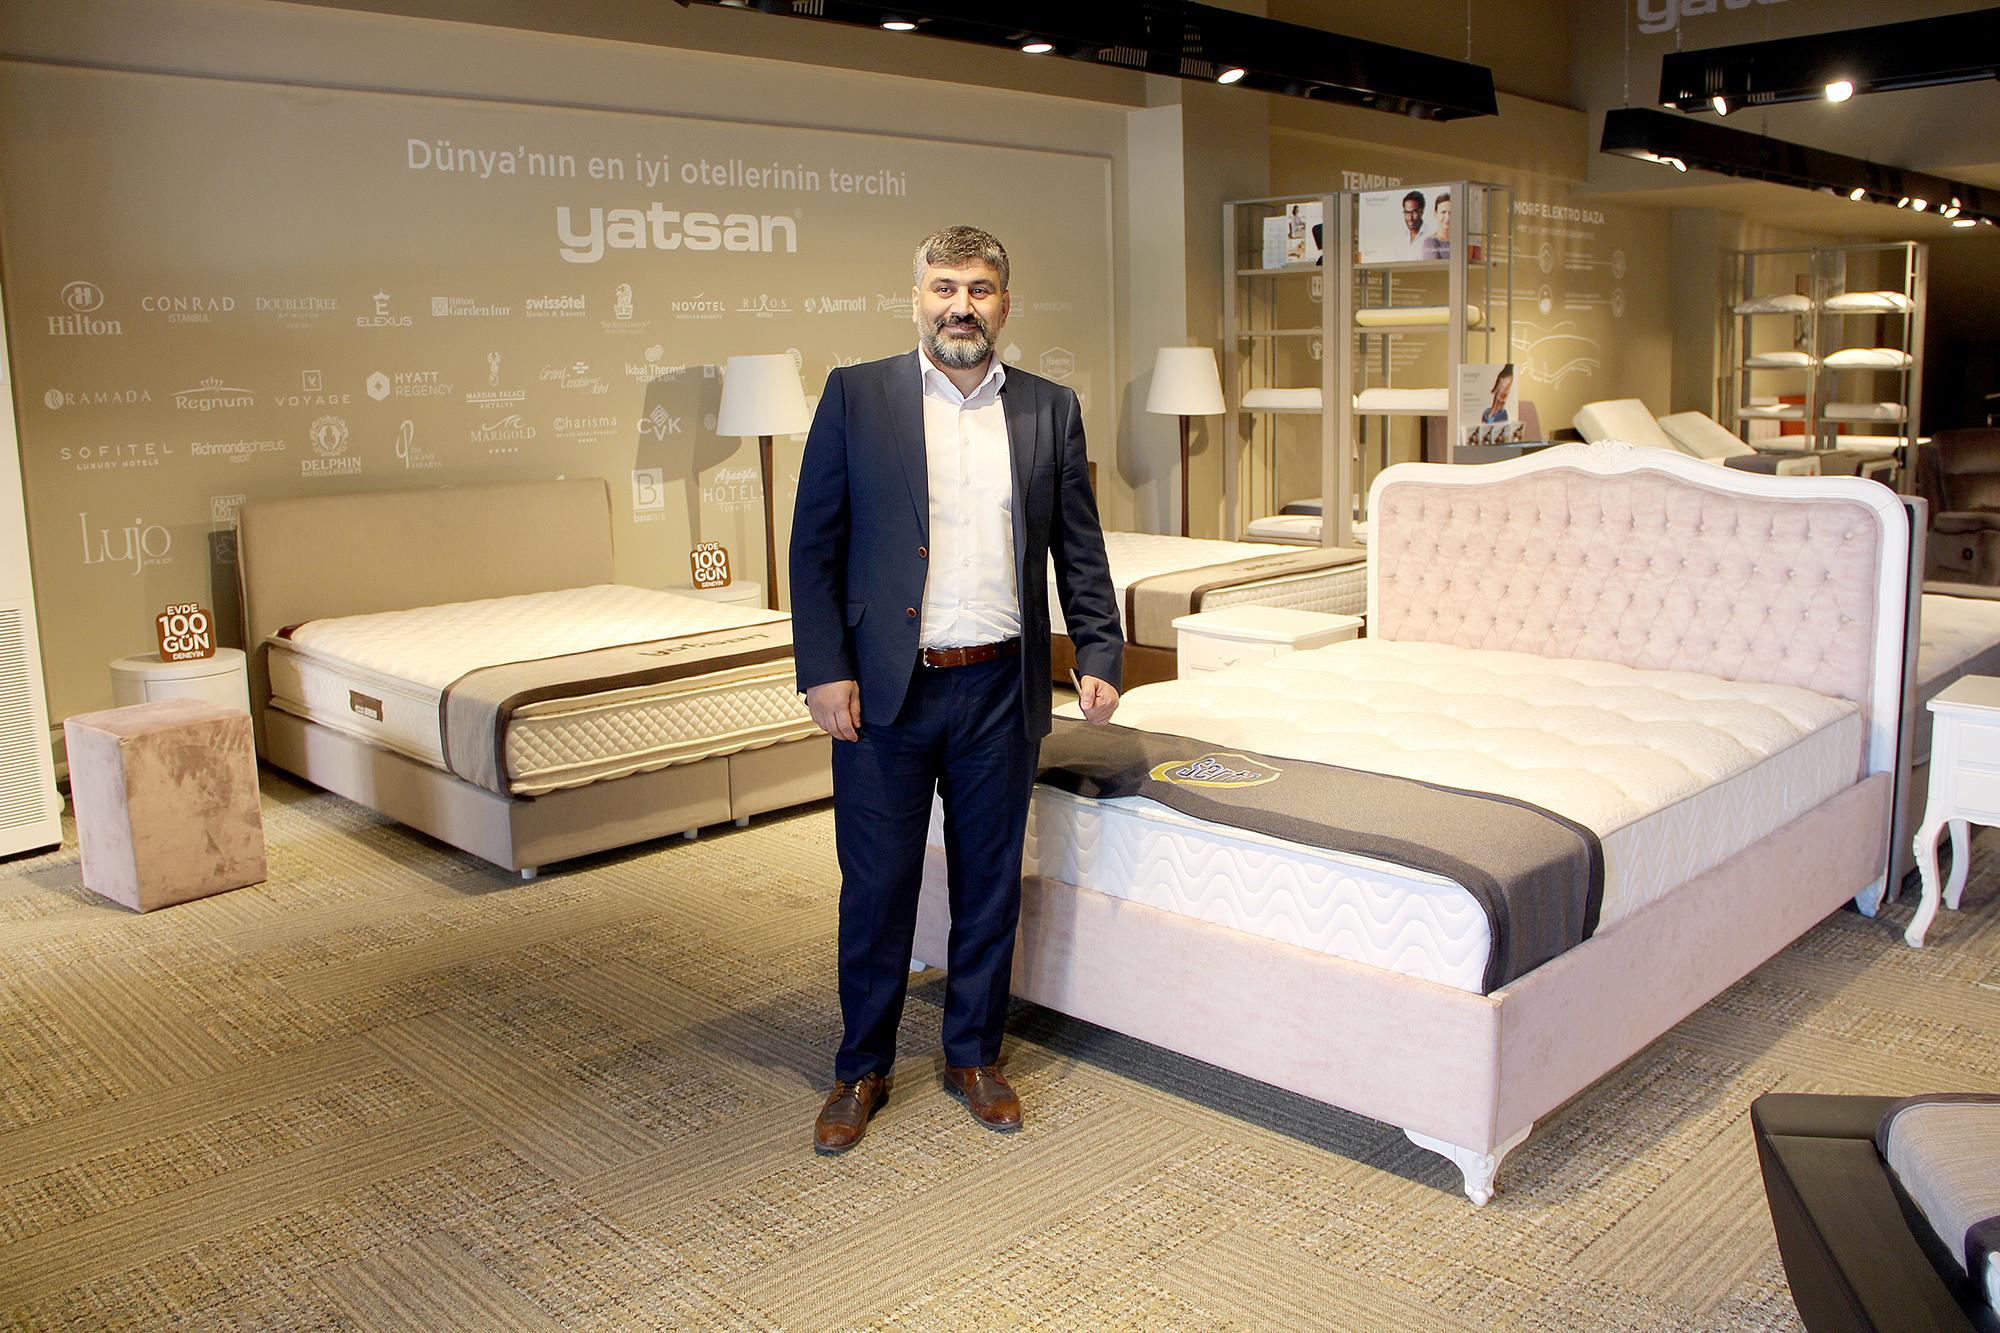 yatsan-yatak-mobilya-(2).jpg